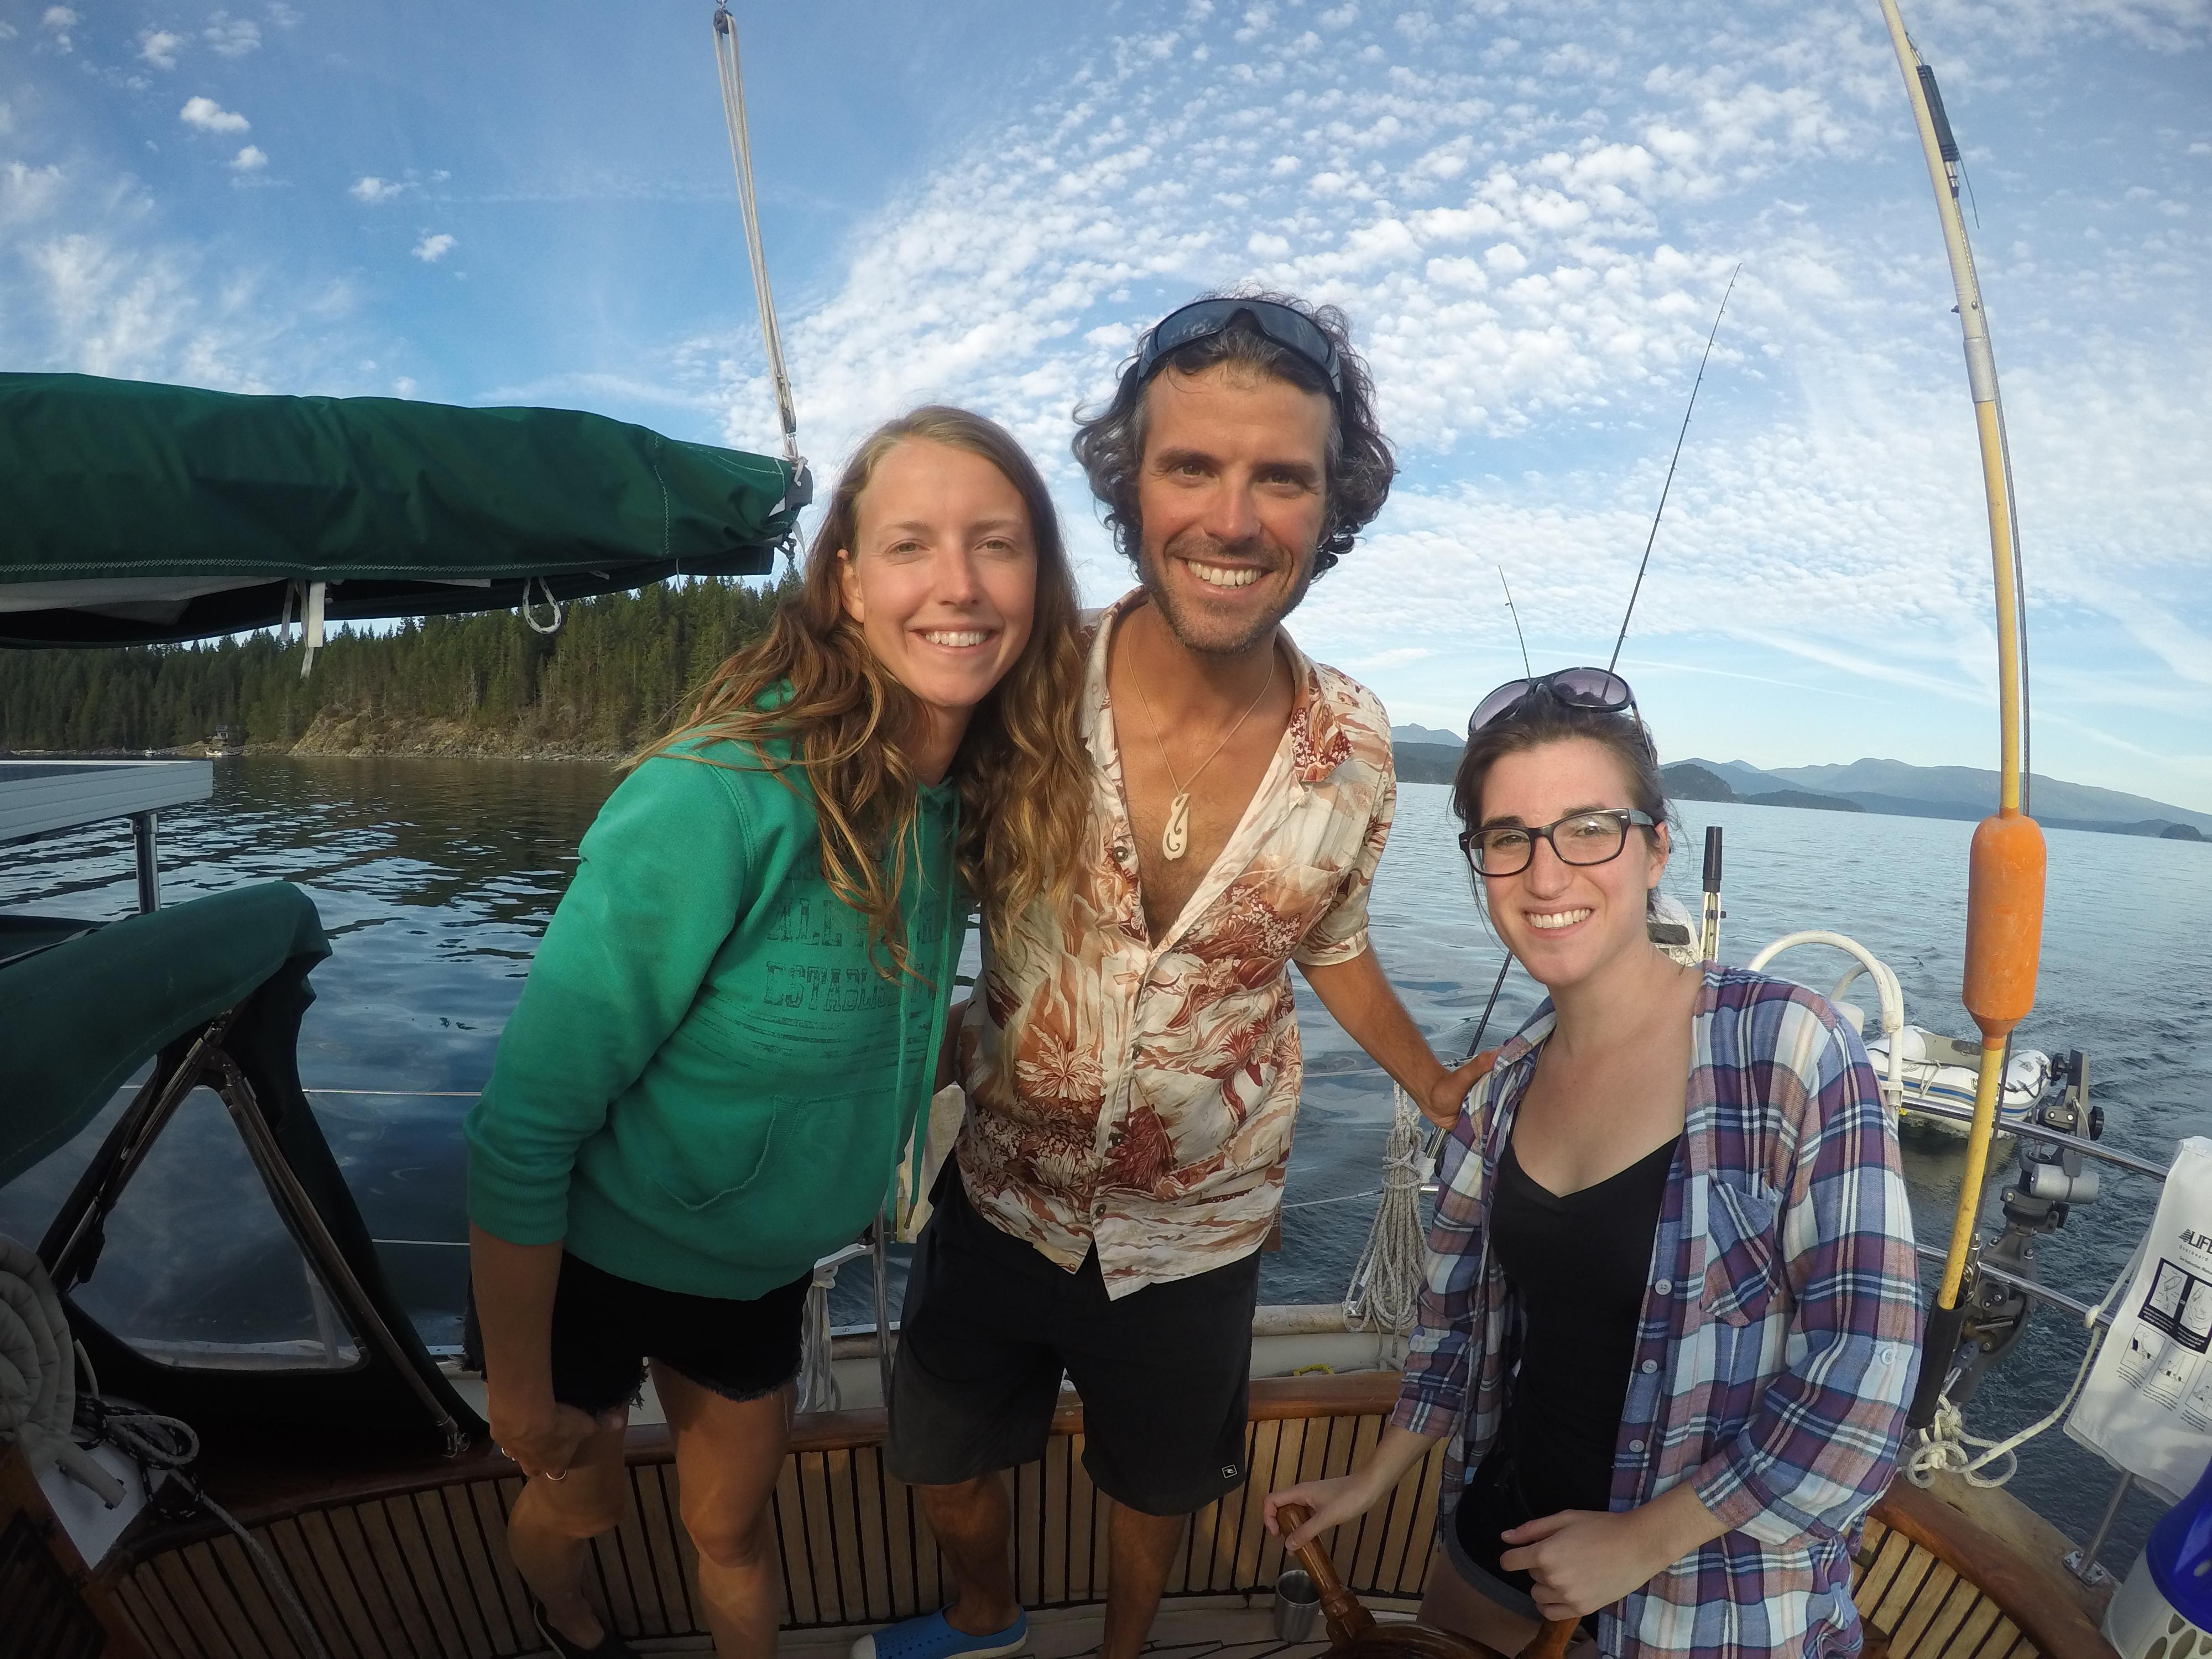 Emmanuel, Saxony and Tamara abord Leela in Desolation Sound